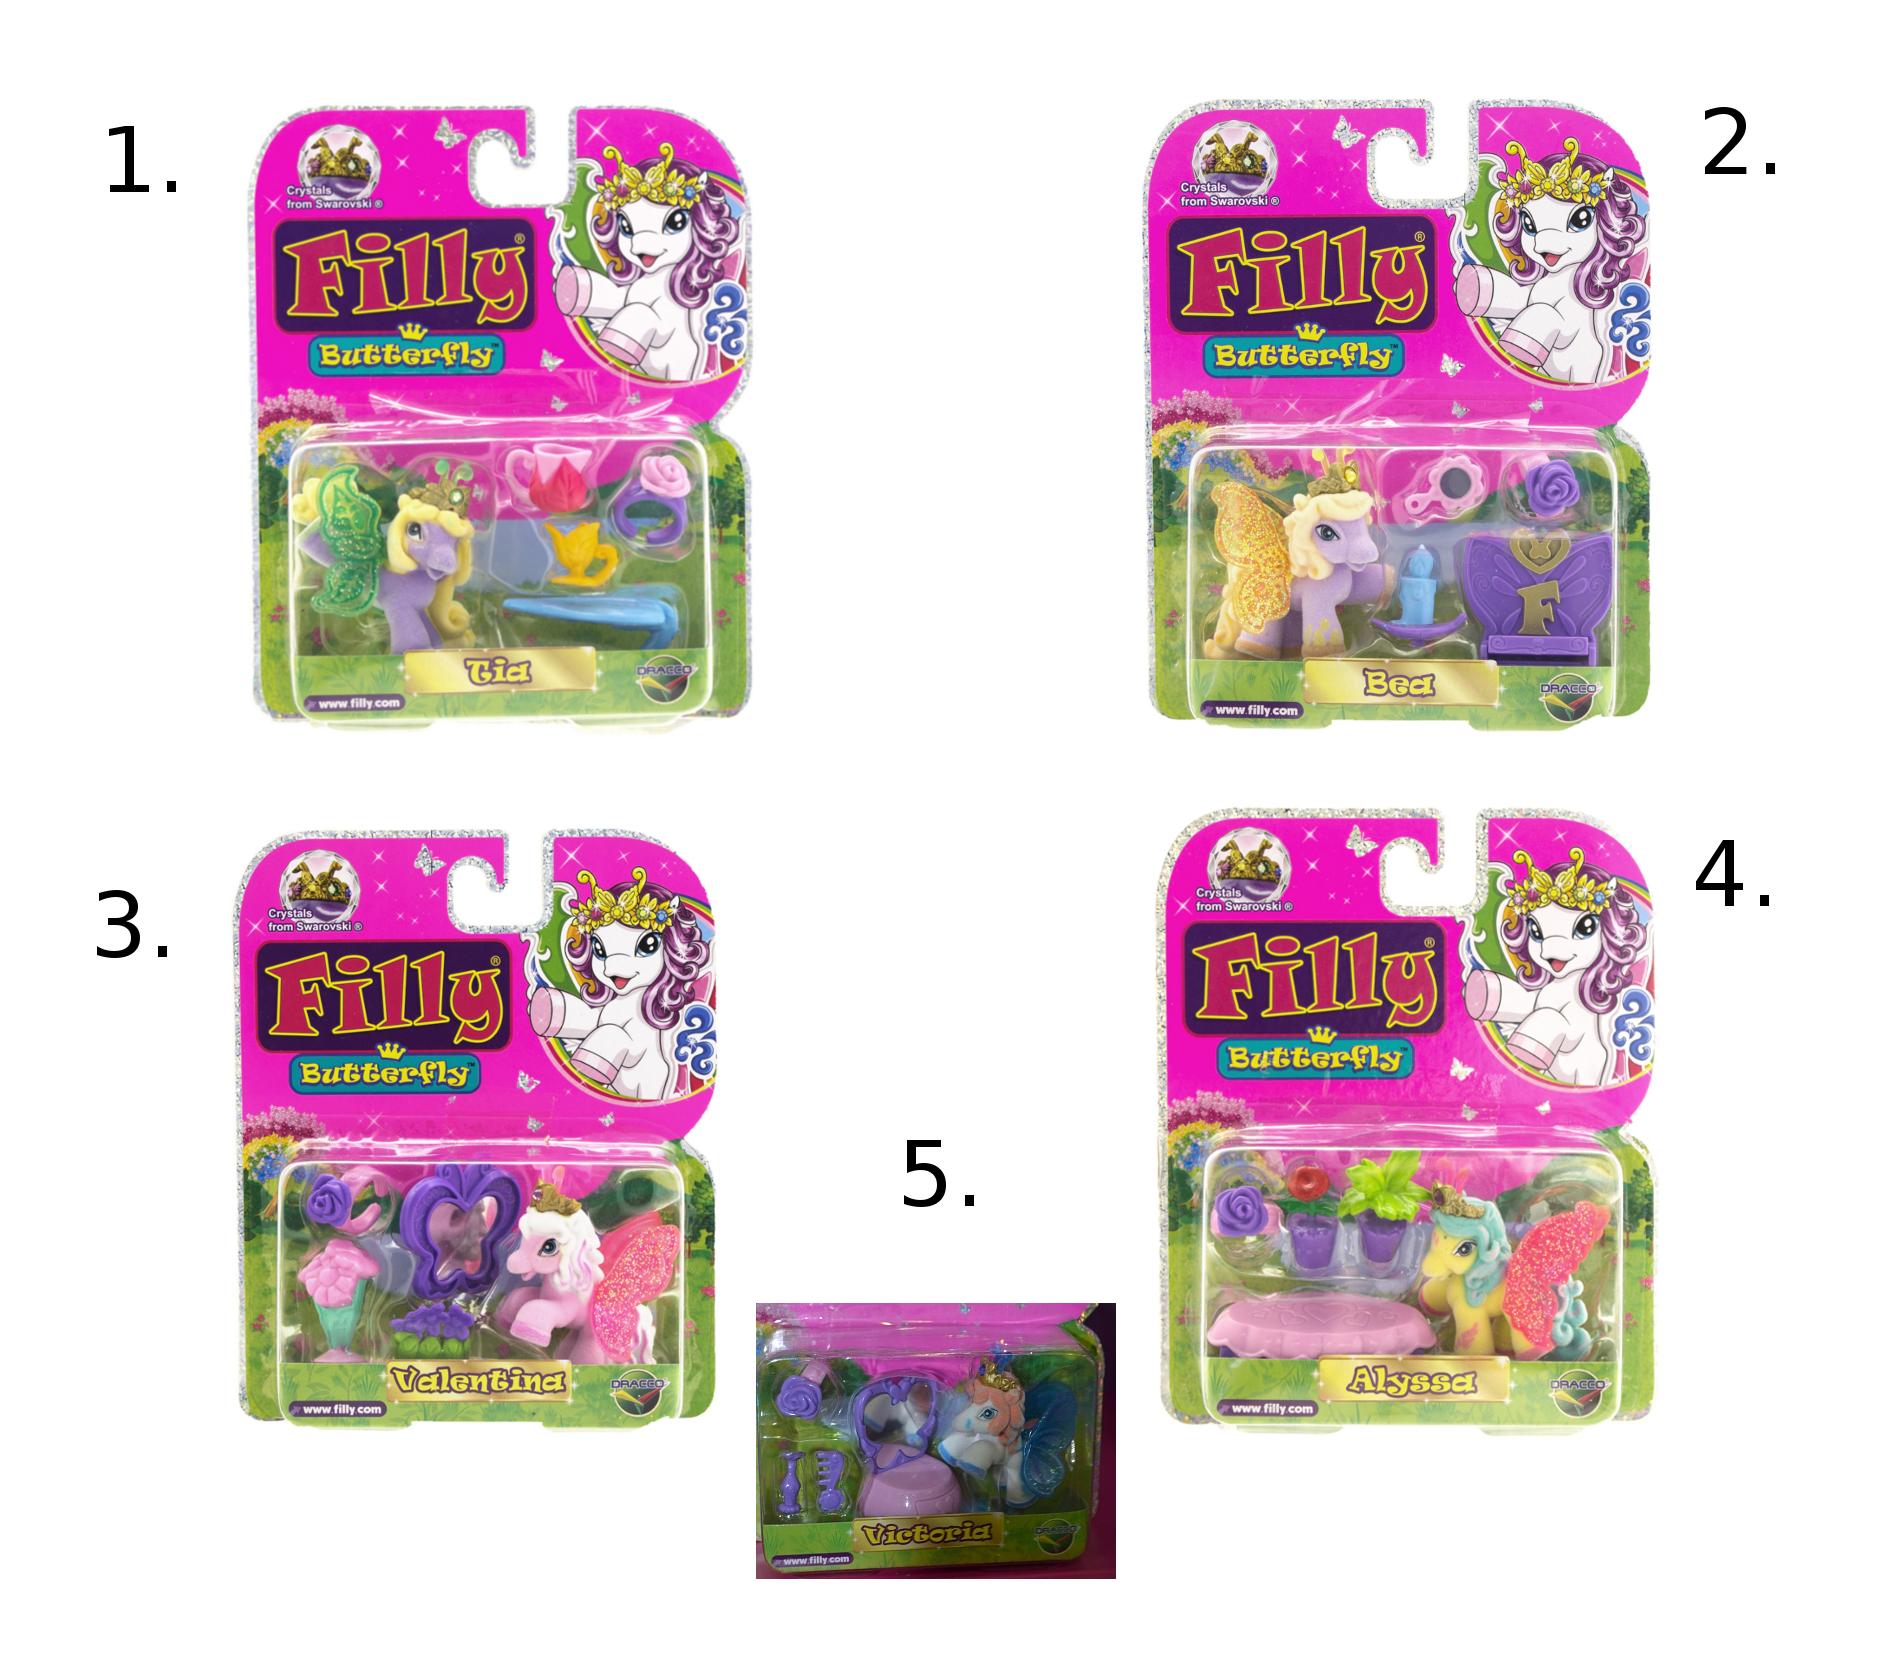 Набор игровой «Filly» - Бабочки с блестками, фигурка с аксессуарамиЛошадки Филли Filly Princess<br>Набор игровой «Filly» - Бабочки с блестками, фигурка с аксессуарами<br>